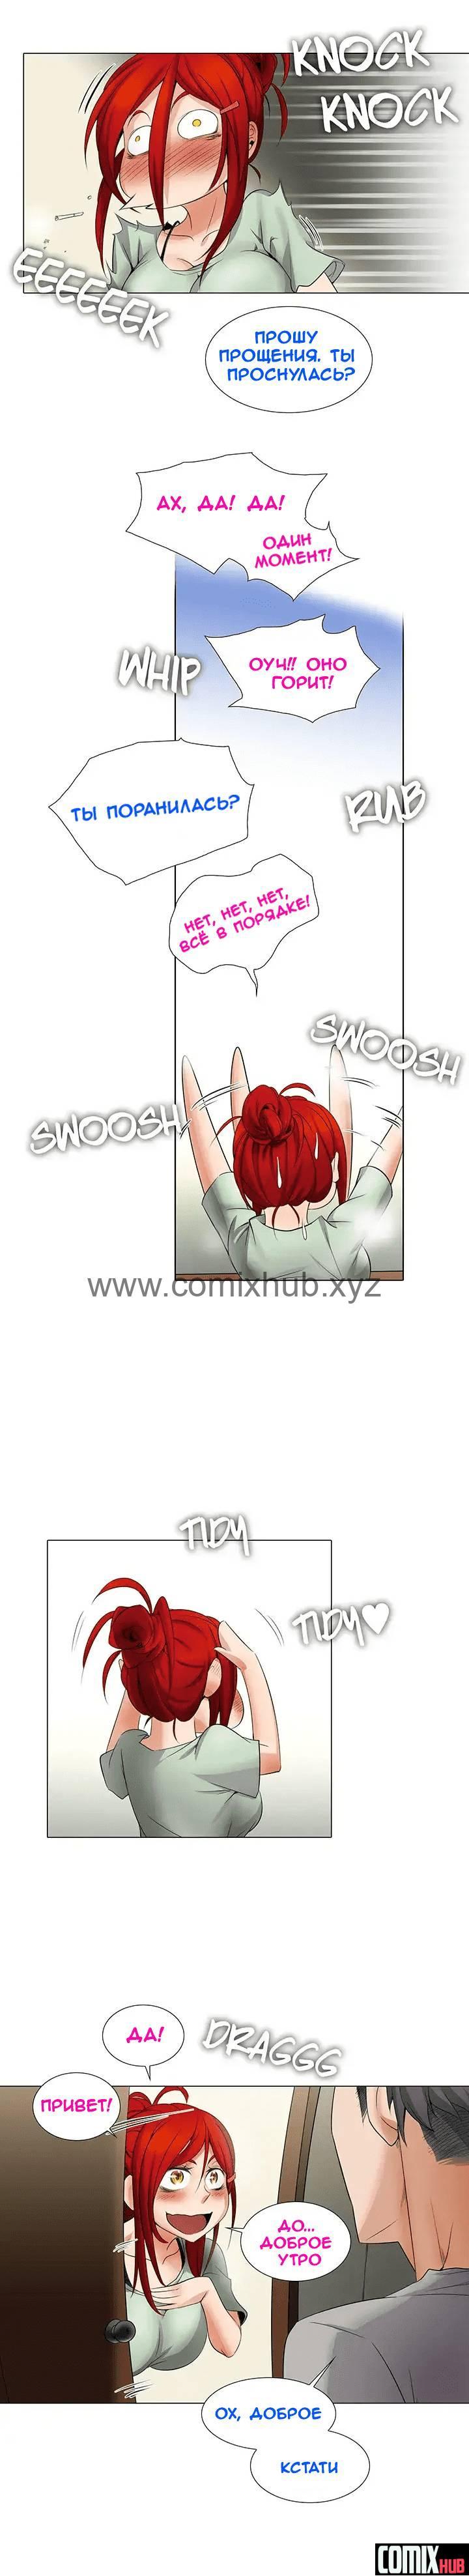 Манхва Художники для взрослых, часть 14 Большая грудь, Без цензуры, Большая попа, Хентай манга, манхва